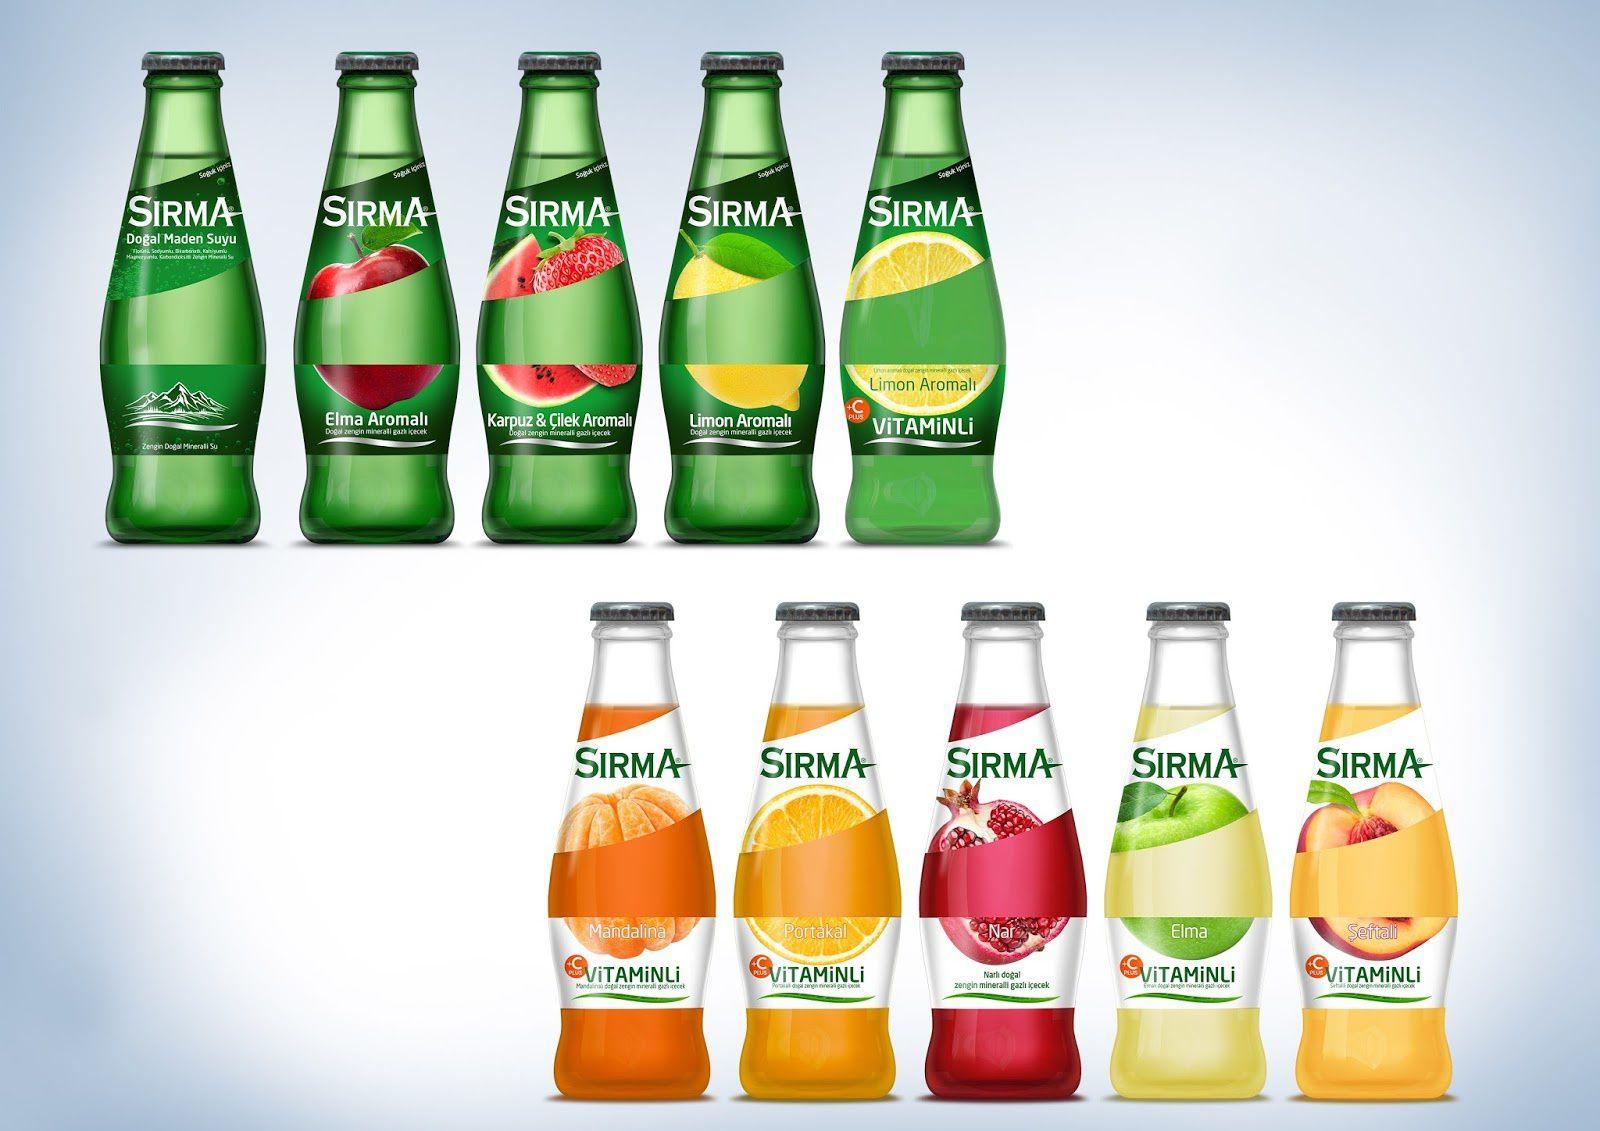 Sirma Fruit (eau minérale aromatisée aux fruits) I Design : Tasarist, Istanboul, Turquie (avril 2016)